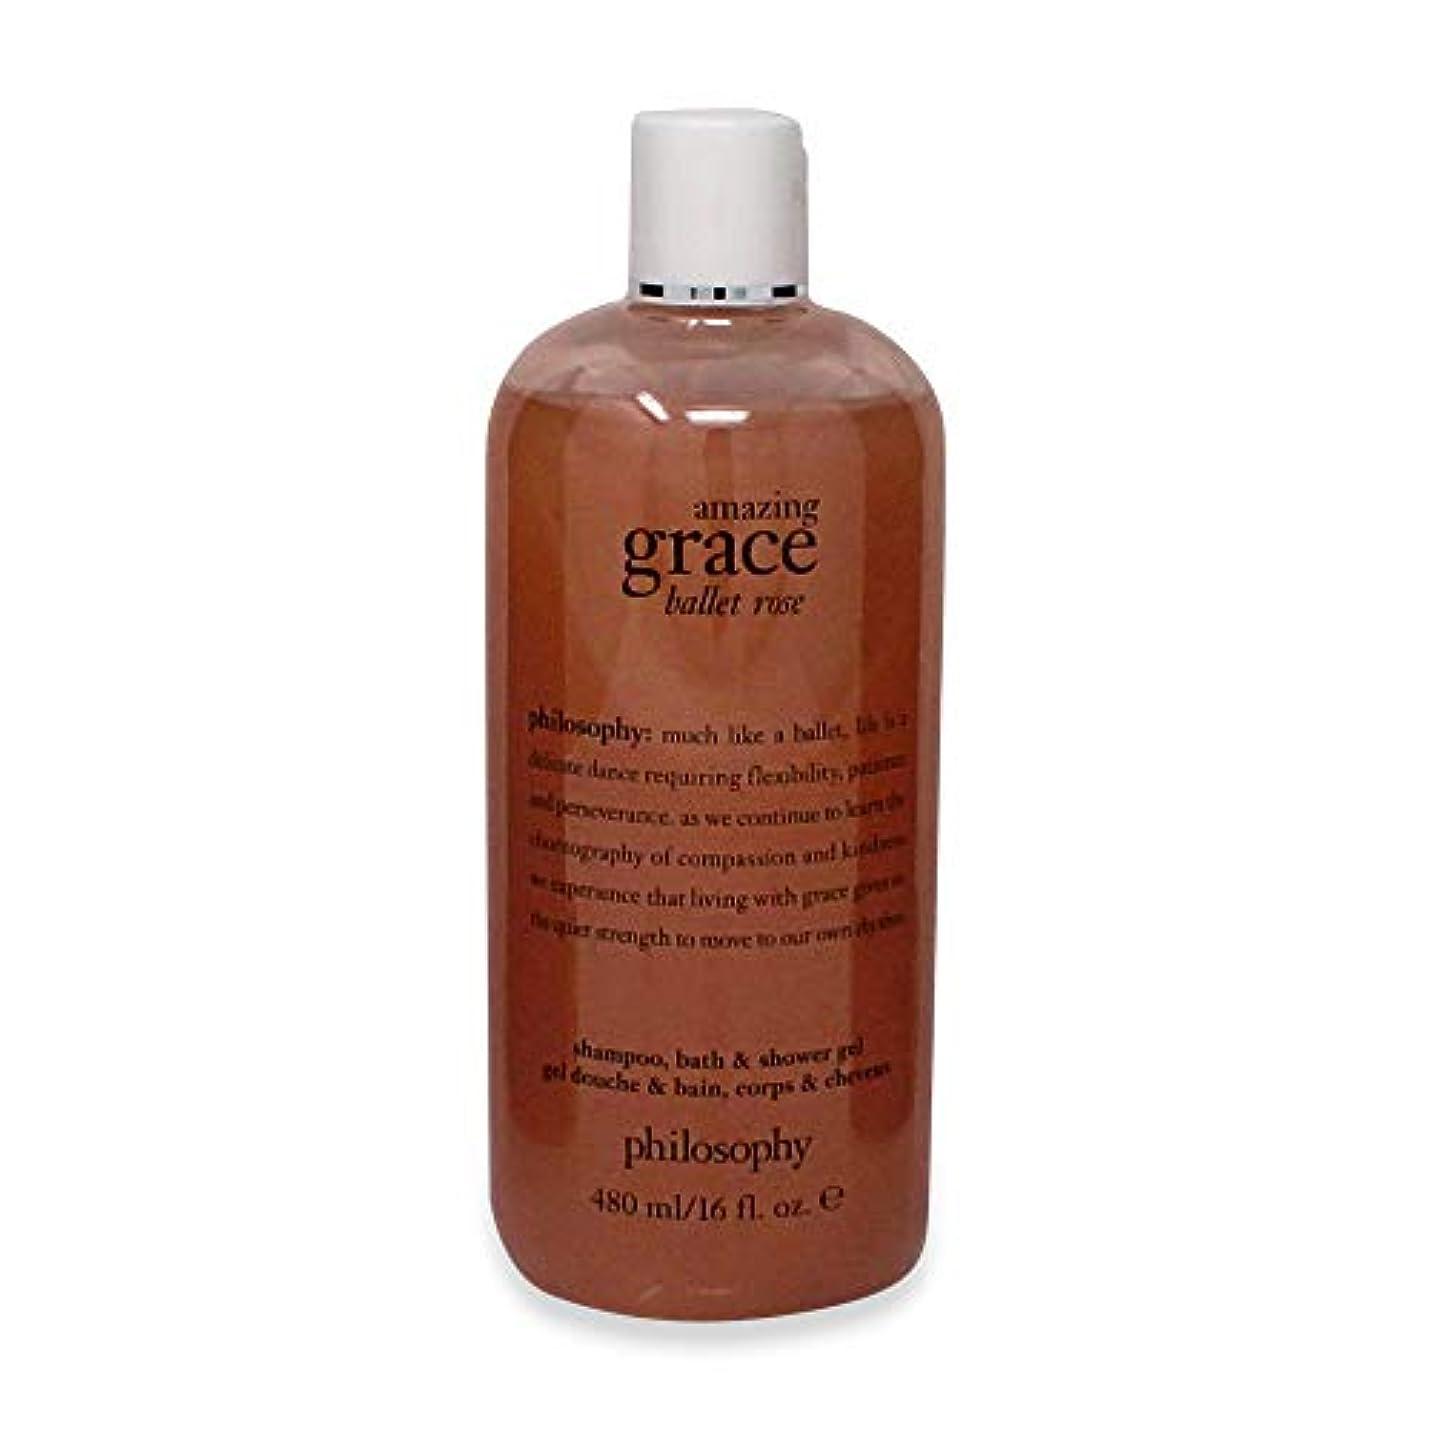 現代の操る情熱Amazing Grace Ballet Rose Shampoo Bath and Shower Gel